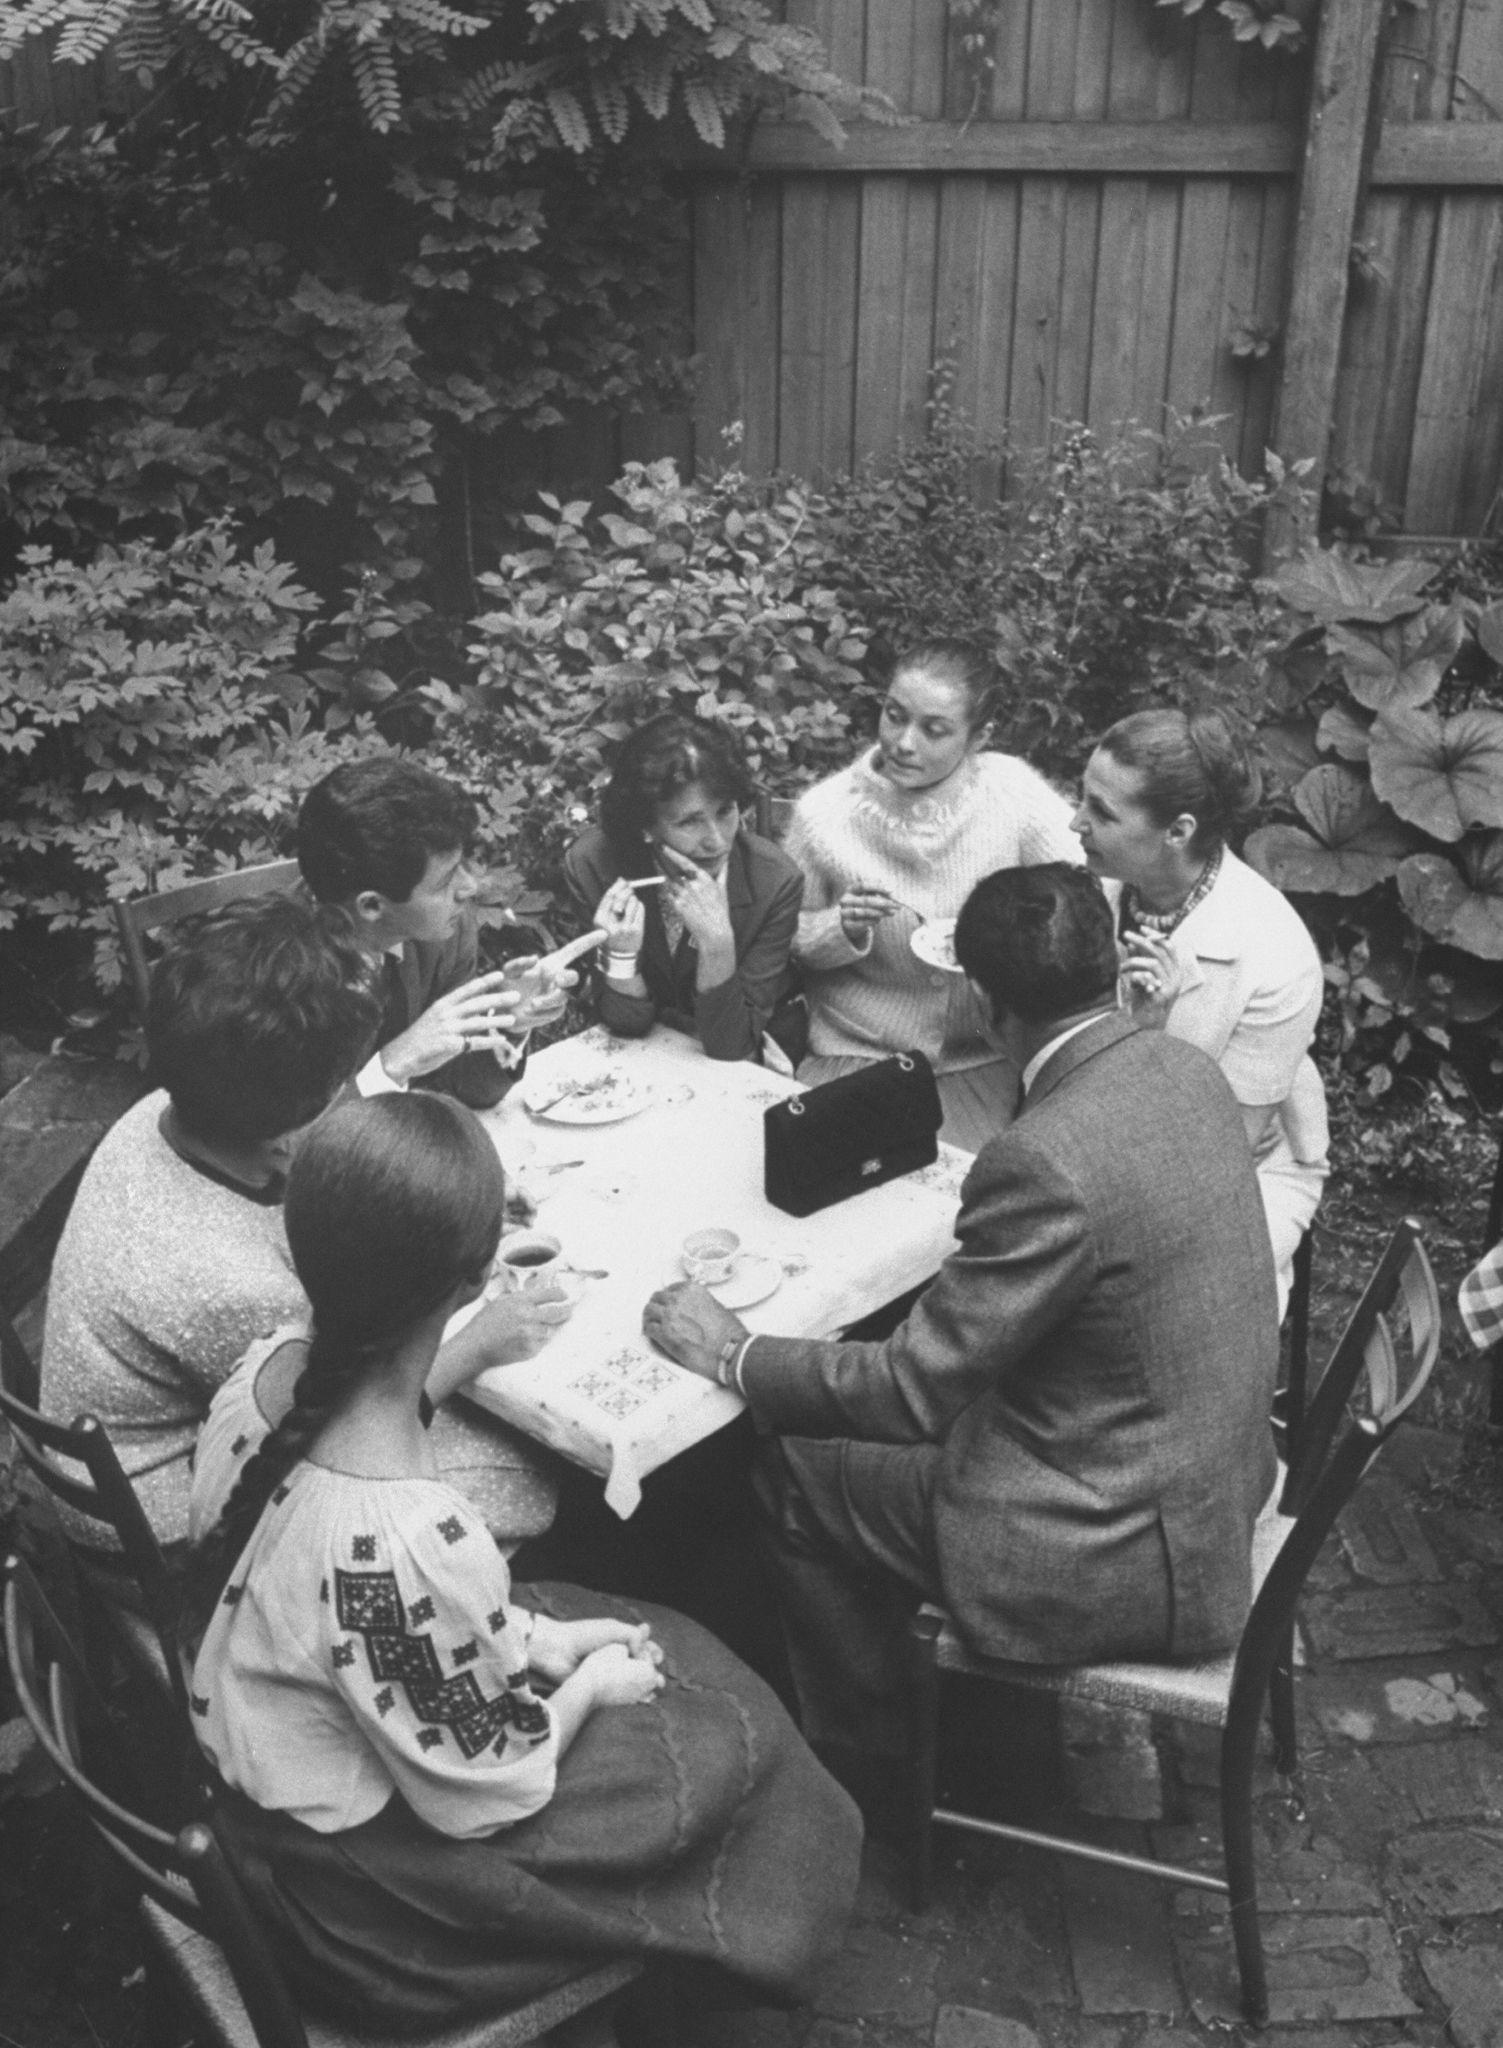 1961. Элизабет Тейлор со своим мужем Эдди Фишером в компании местных театральных детелей в Москве.jpg